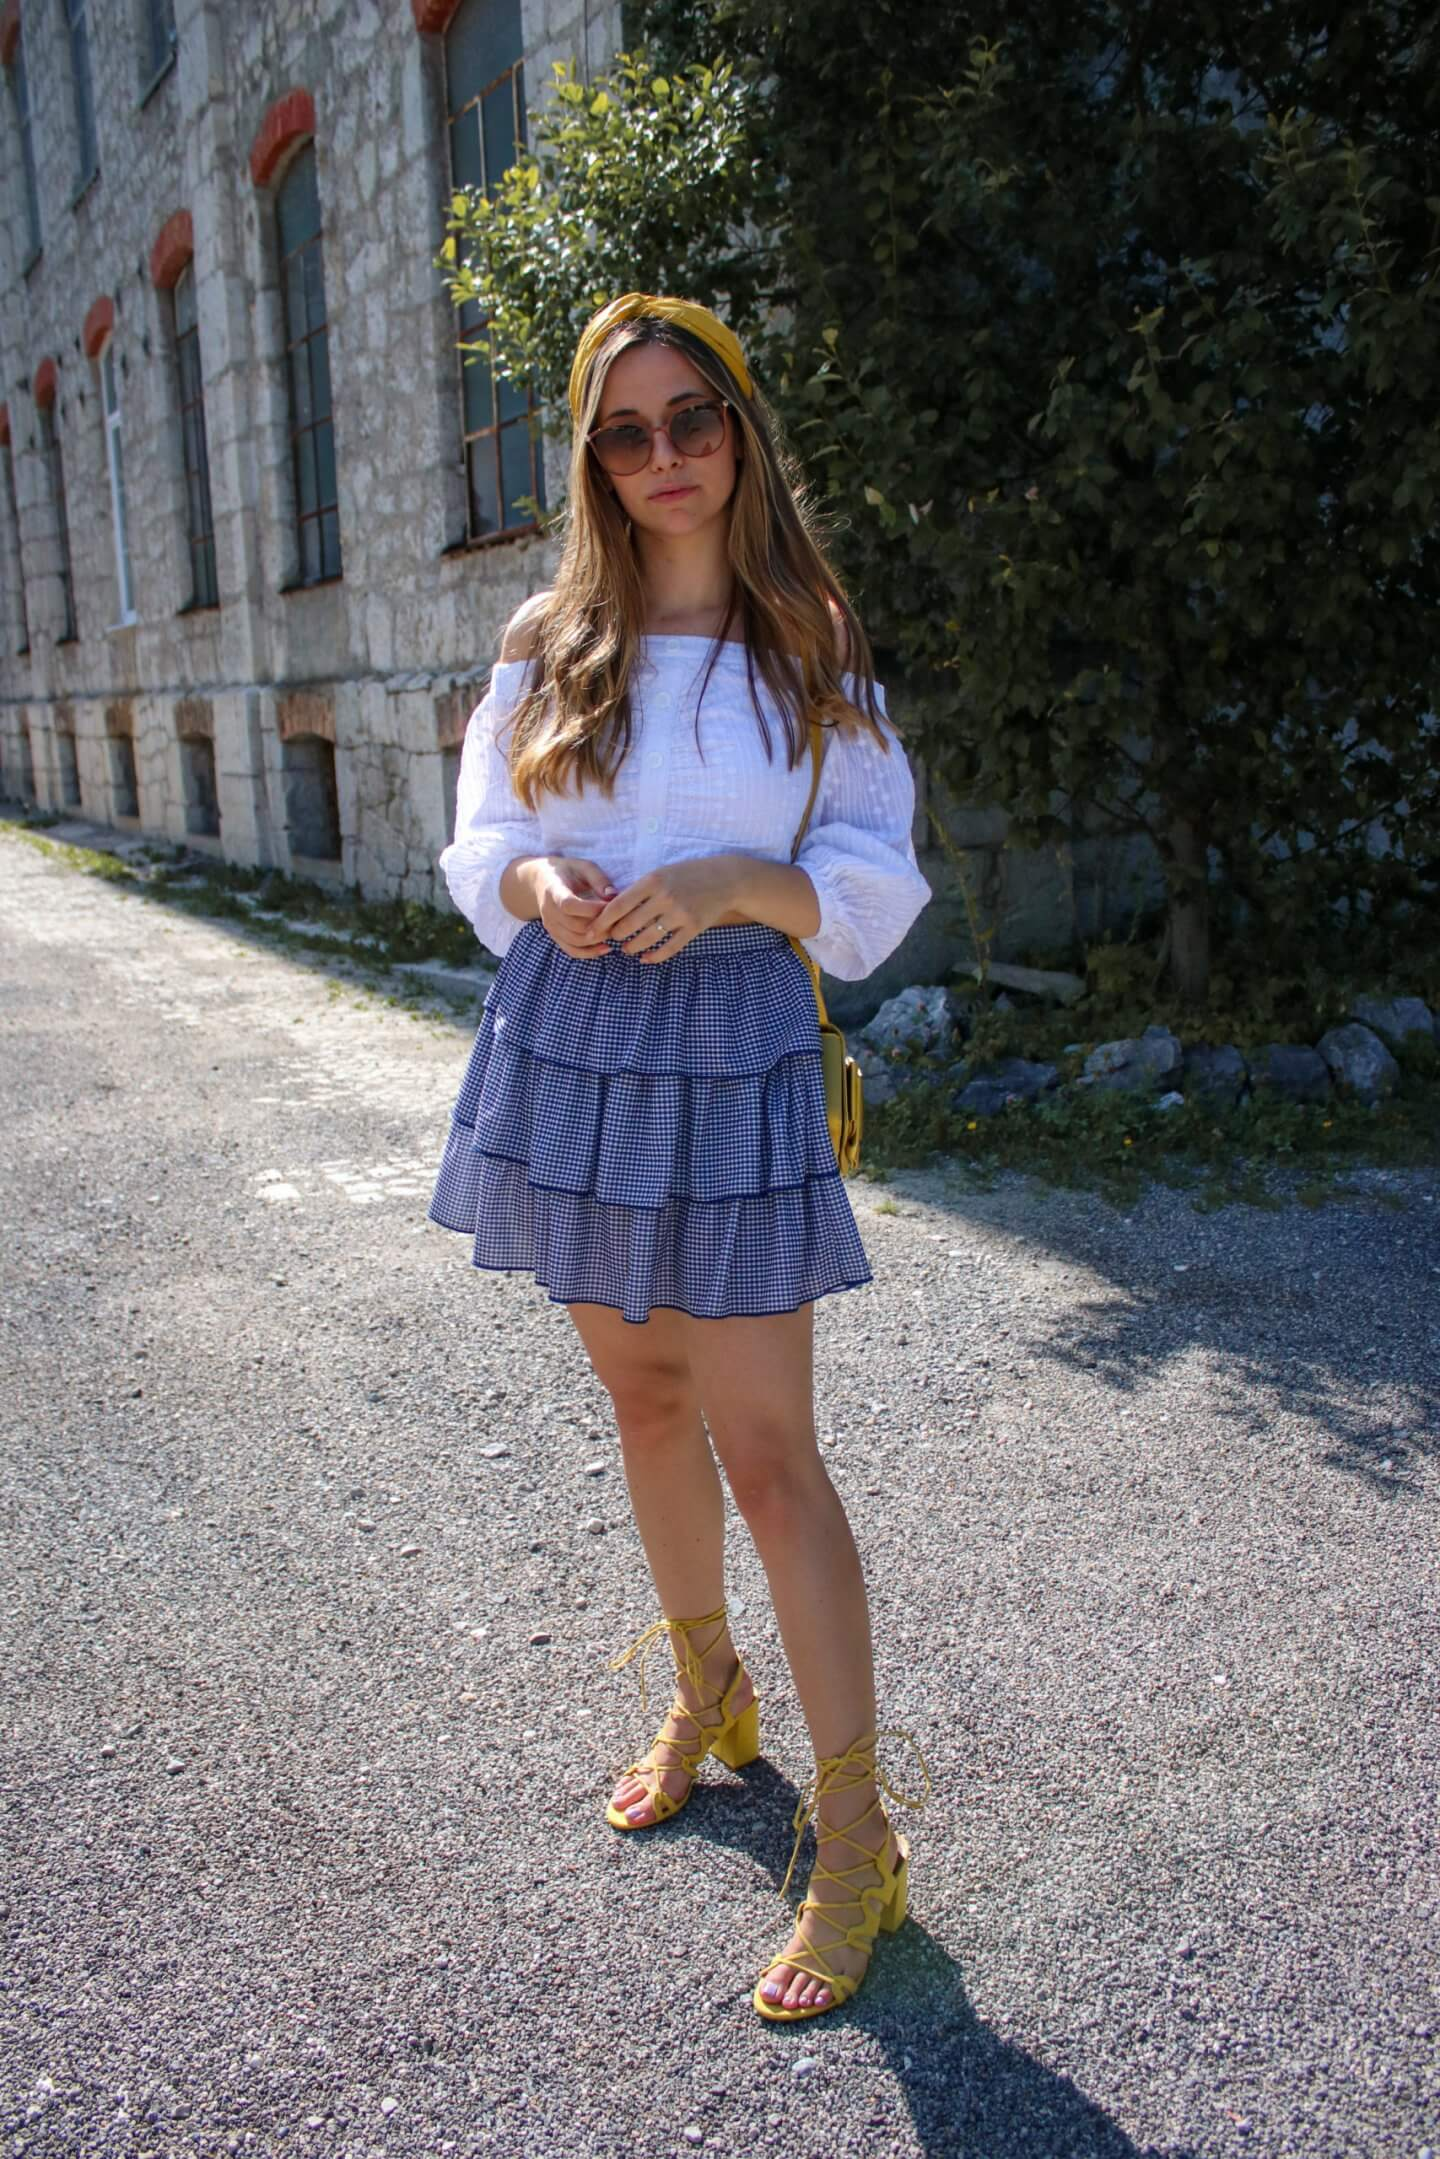 Diesen Rock tragen alle im Sommer – Röcke für Frauen passend zu jeder Situation